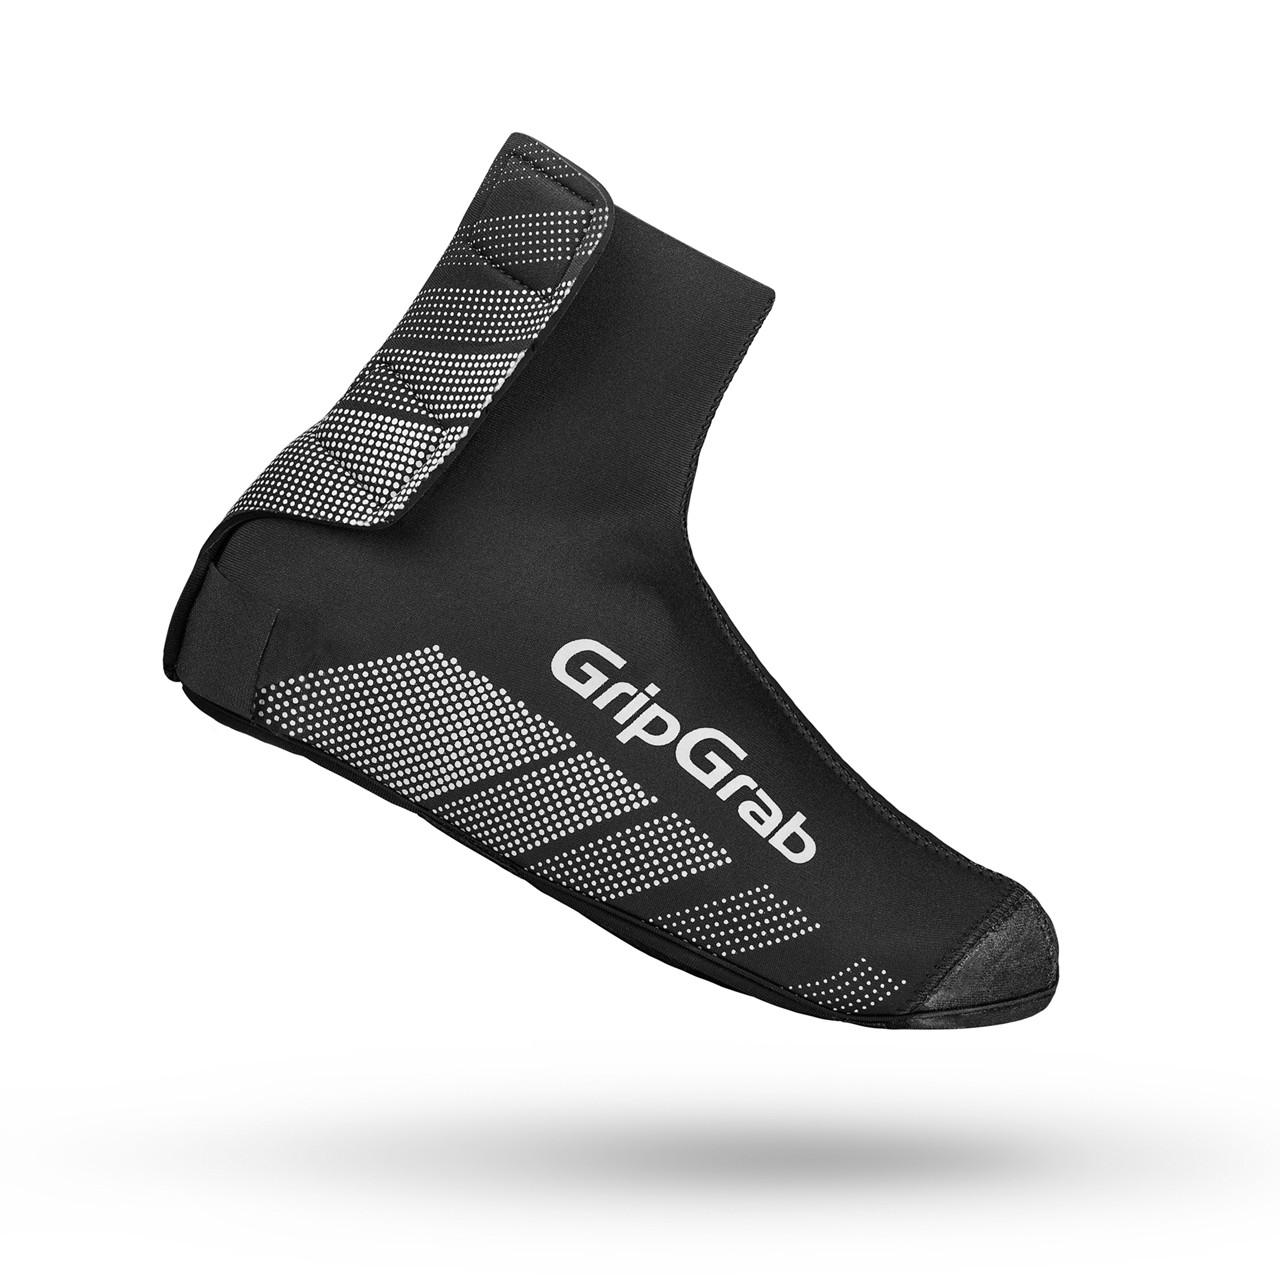 Køb Grip Grab Ride Vinter Skoovertræk